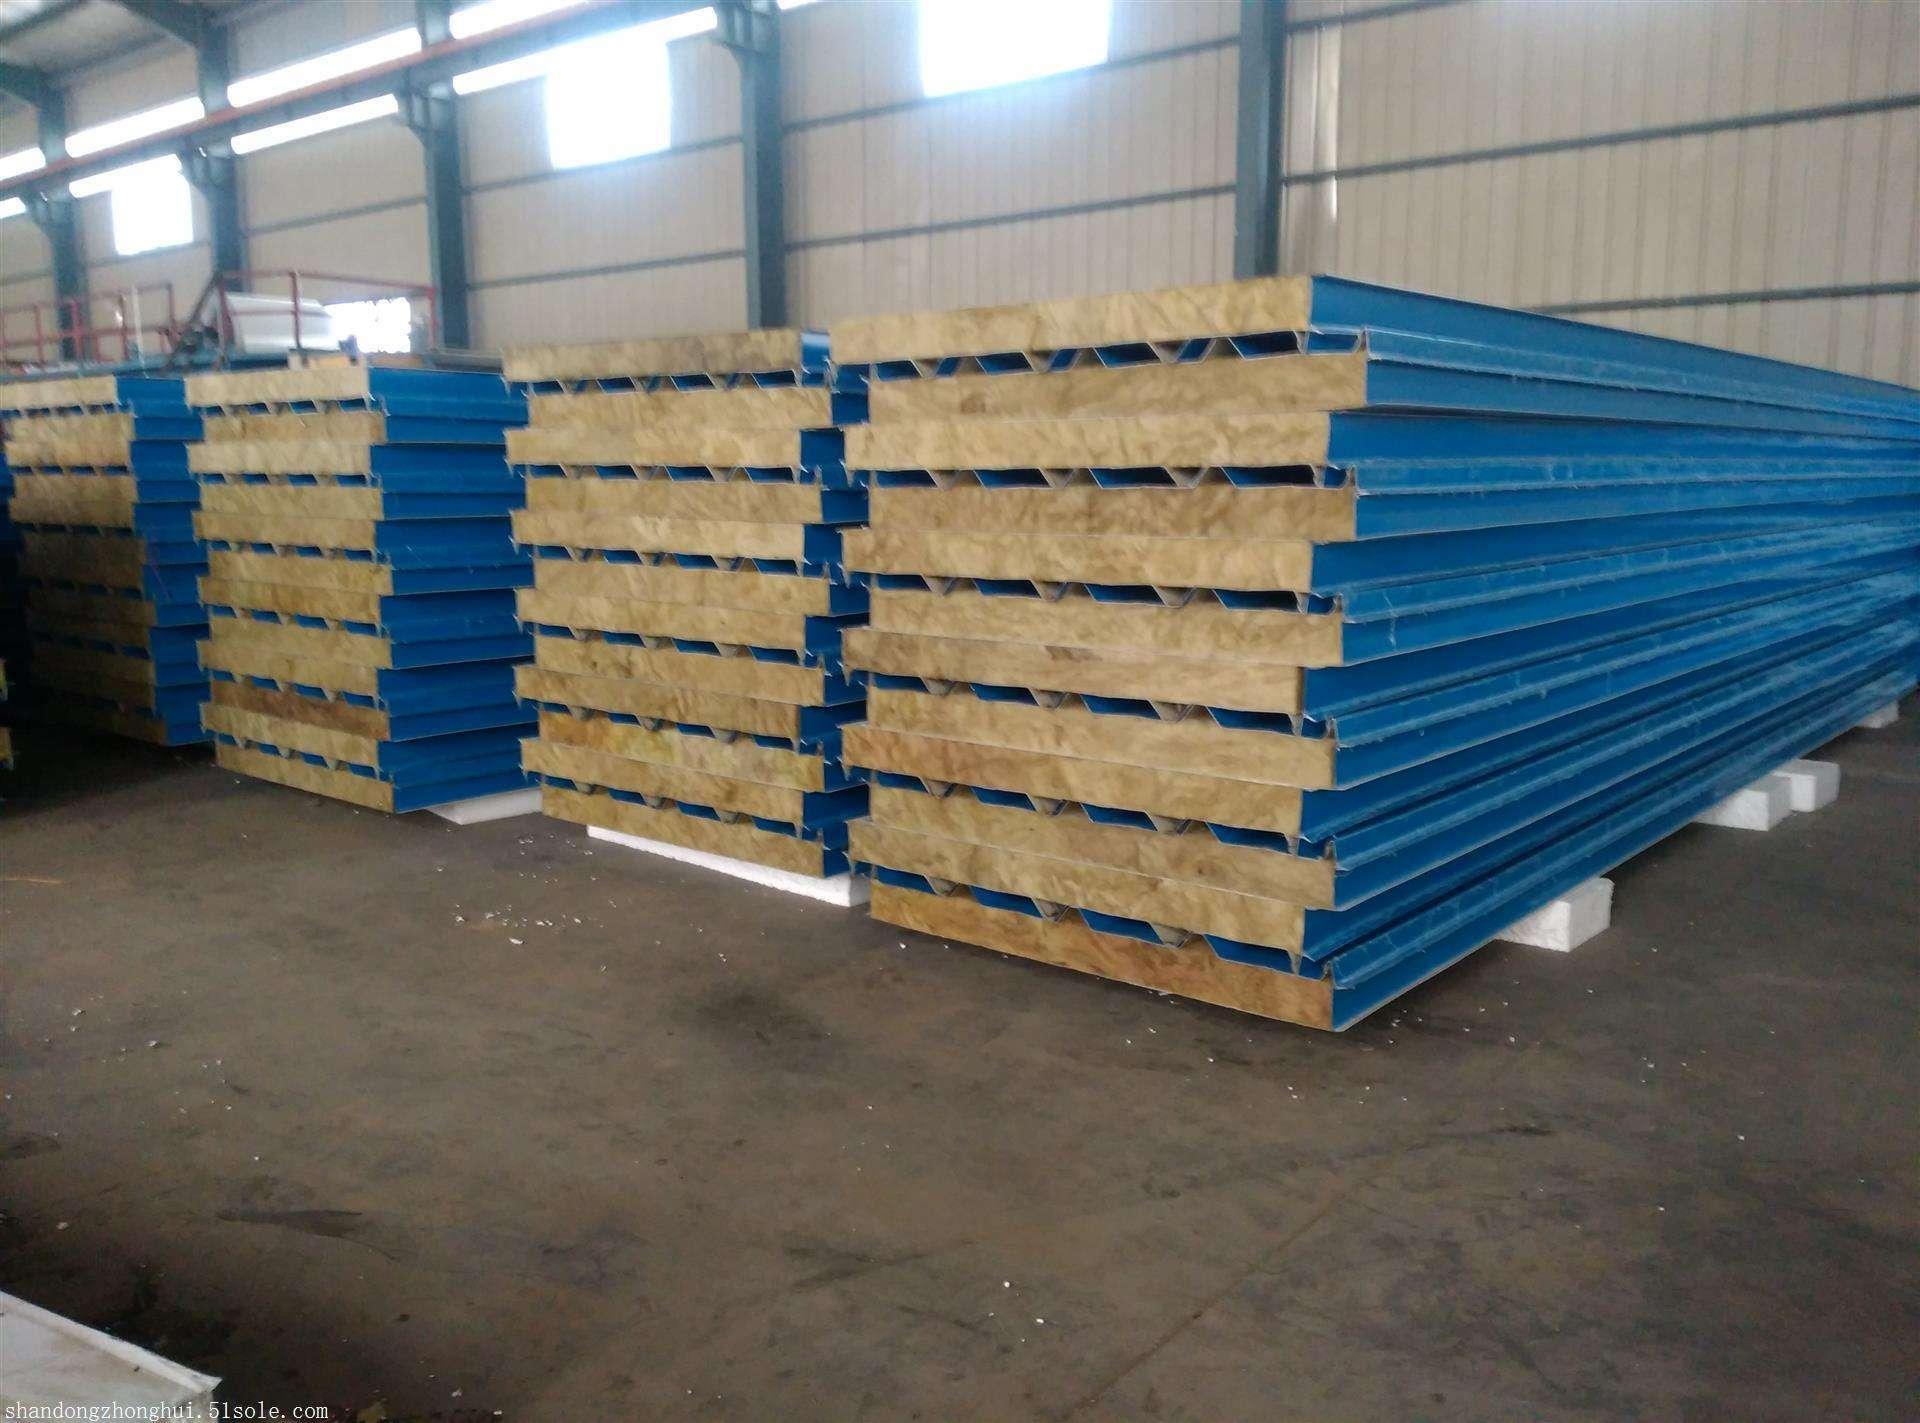 供应呼伦贝尔优良呼伦贝尔岩棉板 呼伦贝尔岩棉板厂家